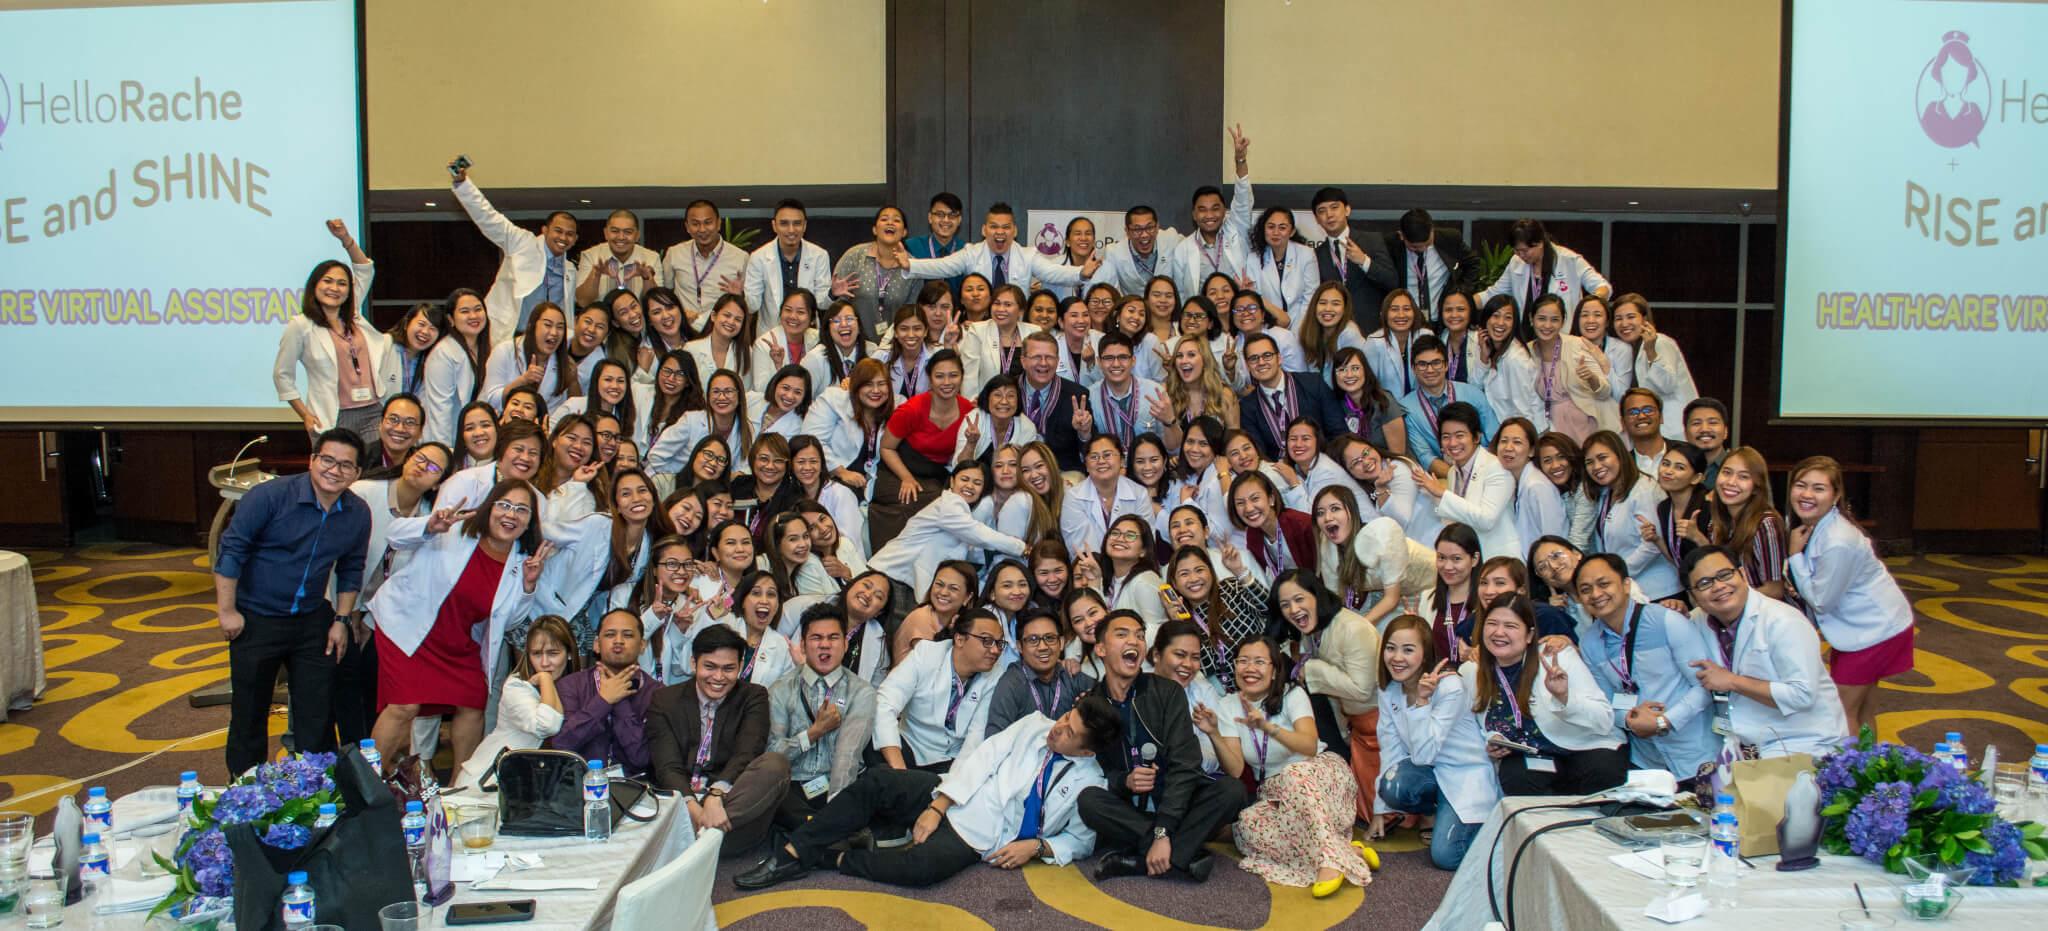 2019 HelloRache Annual Conference in Manila